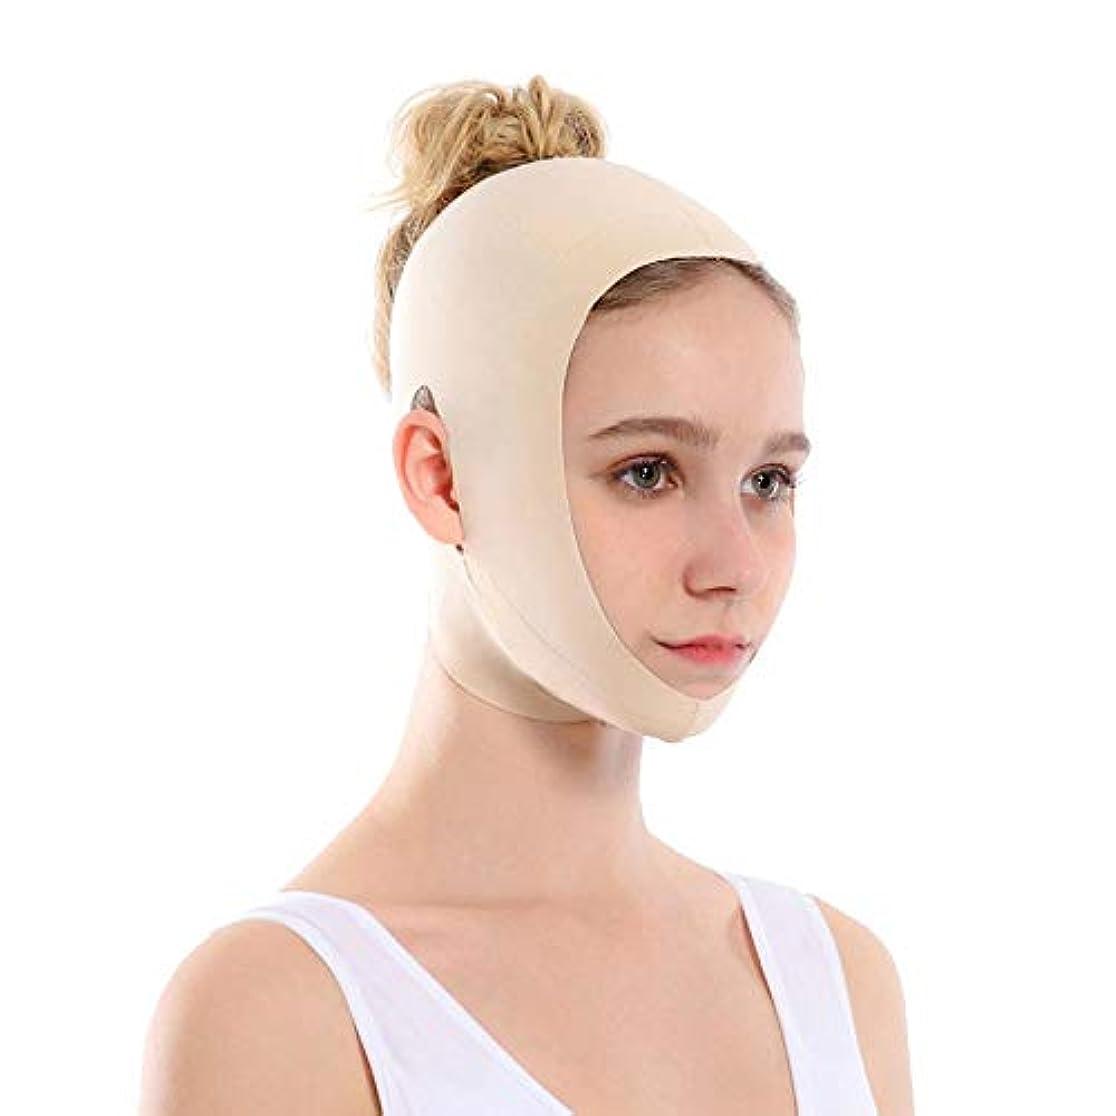 説得力のあるカフェテリア返済Jia Jia- 顔を持ち上げるアーティファクトVフェイス包帯リフティング引き締め睡眠薄い顔を整形持ち上げる顔を二重あご矯正 - 肌の色 顔面包帯